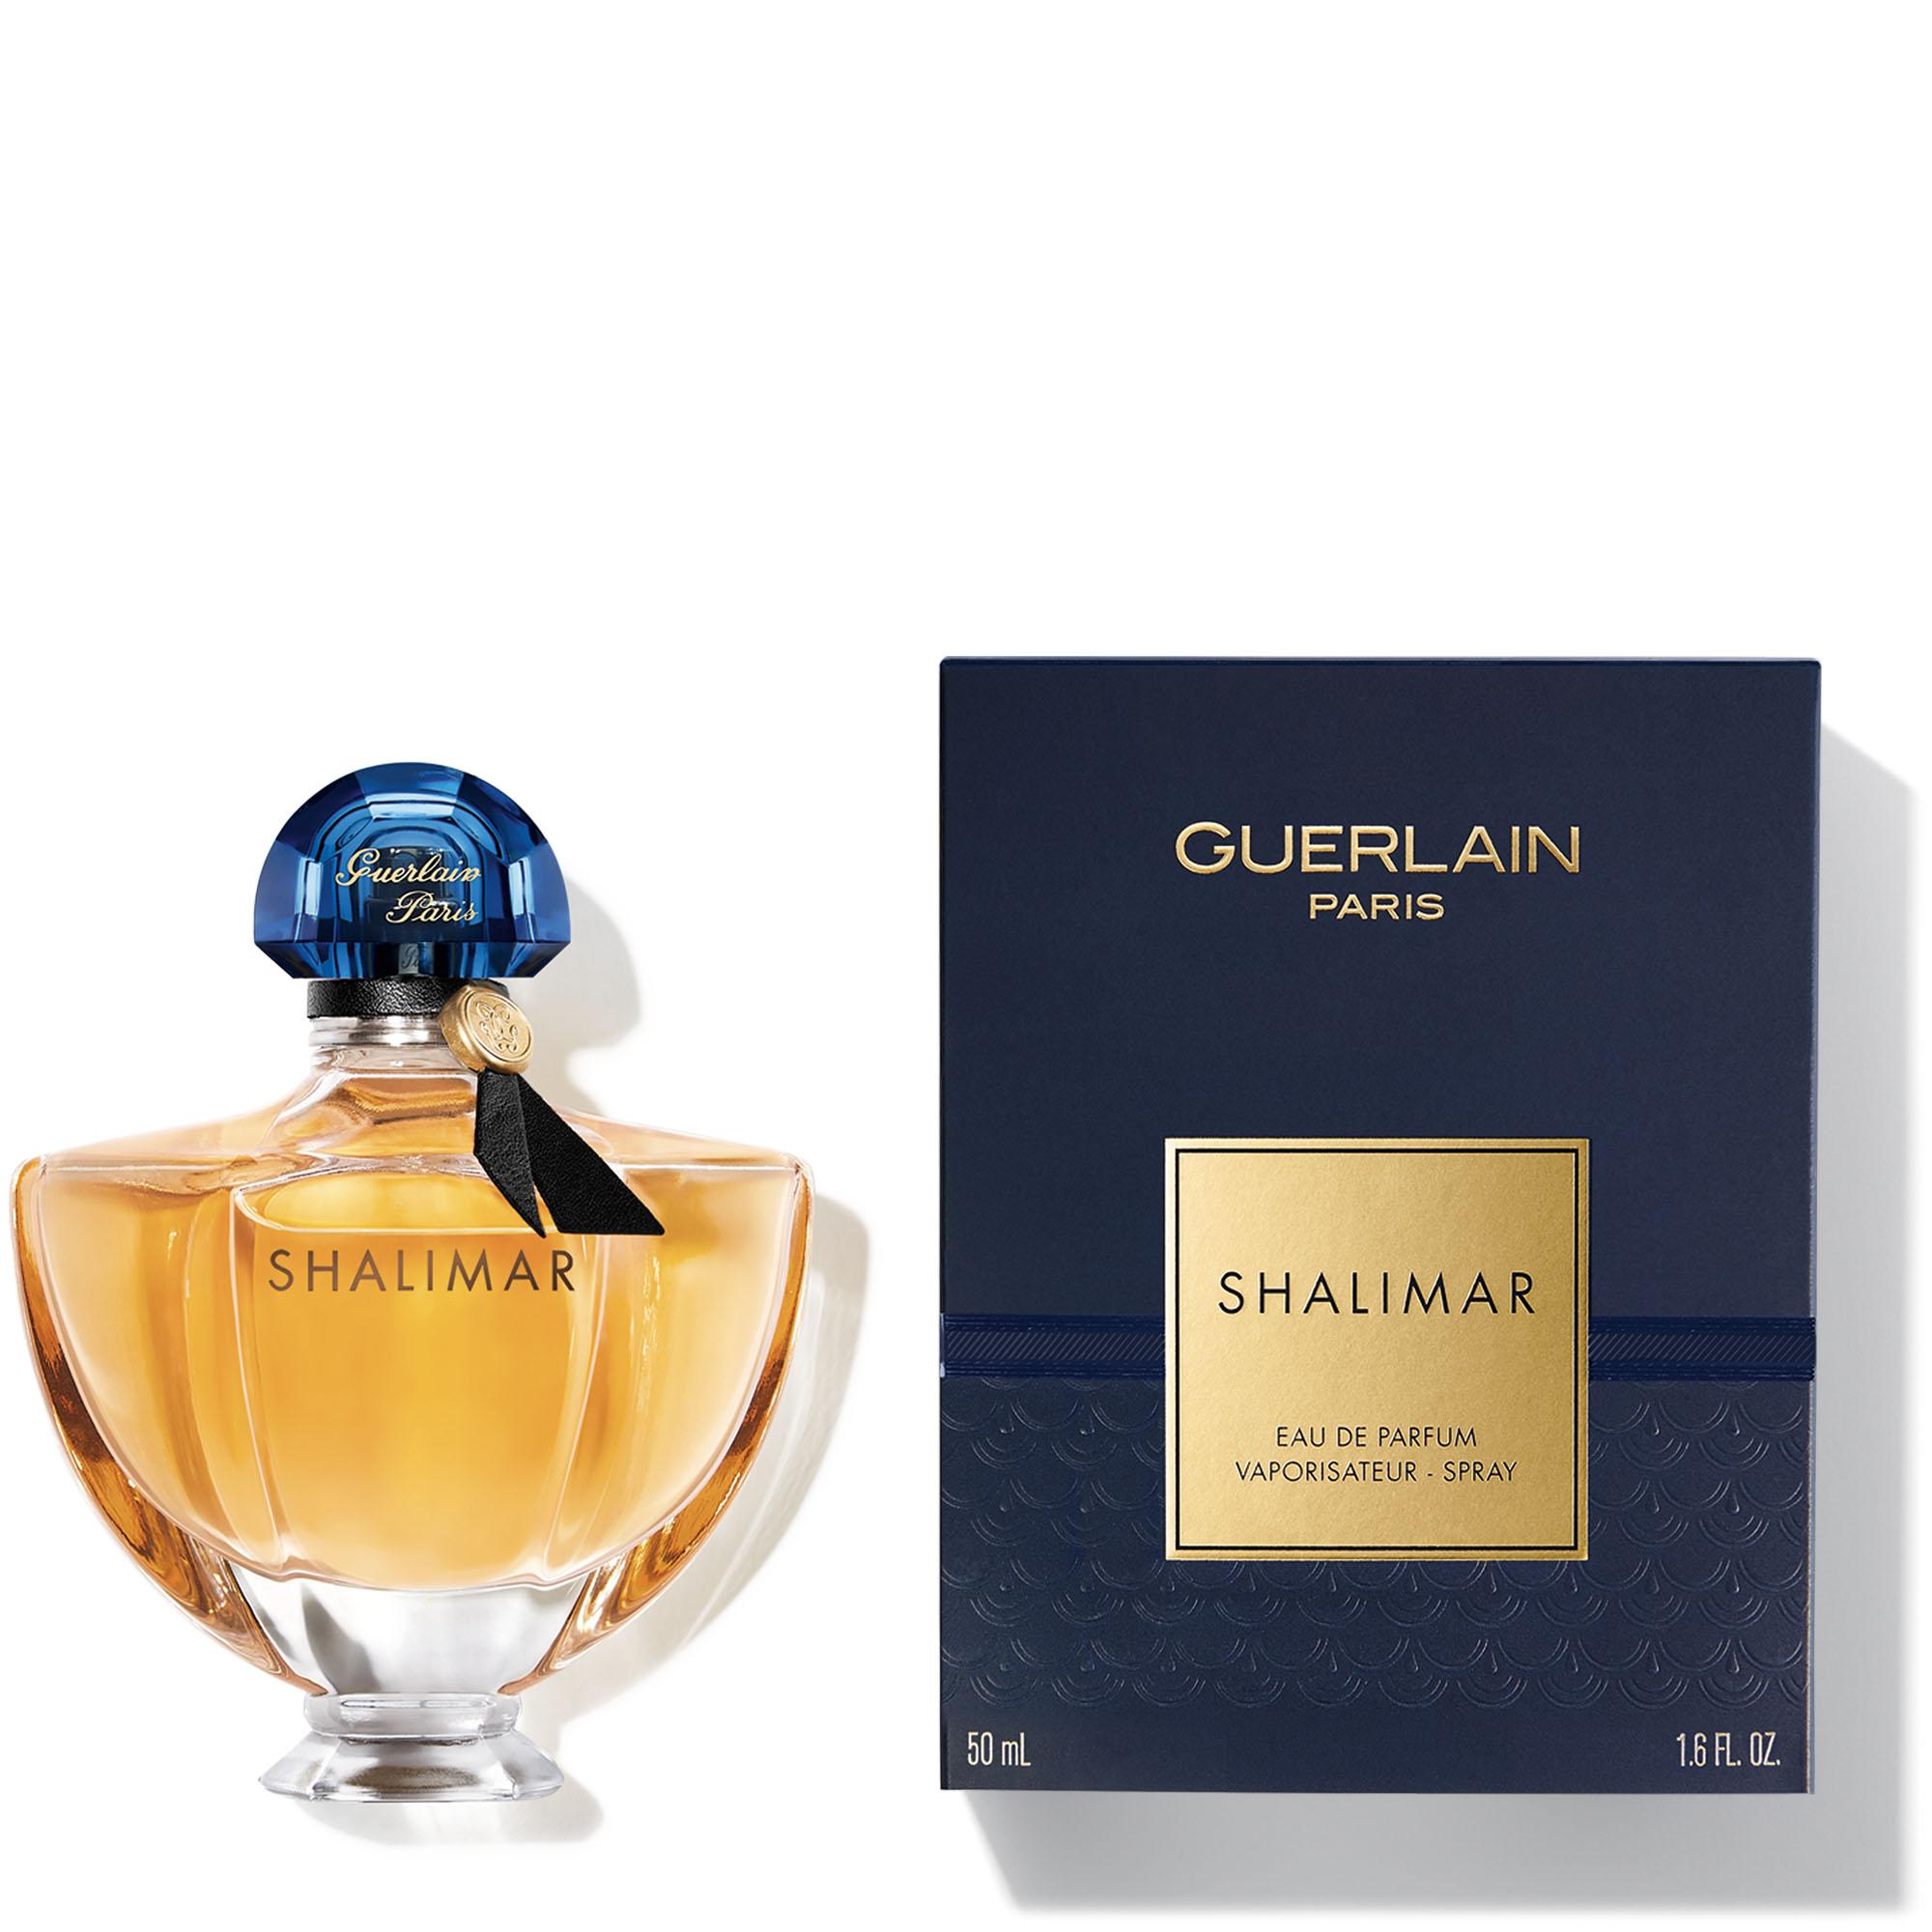 Guerlain parfym, makeup och hudvård KICKS